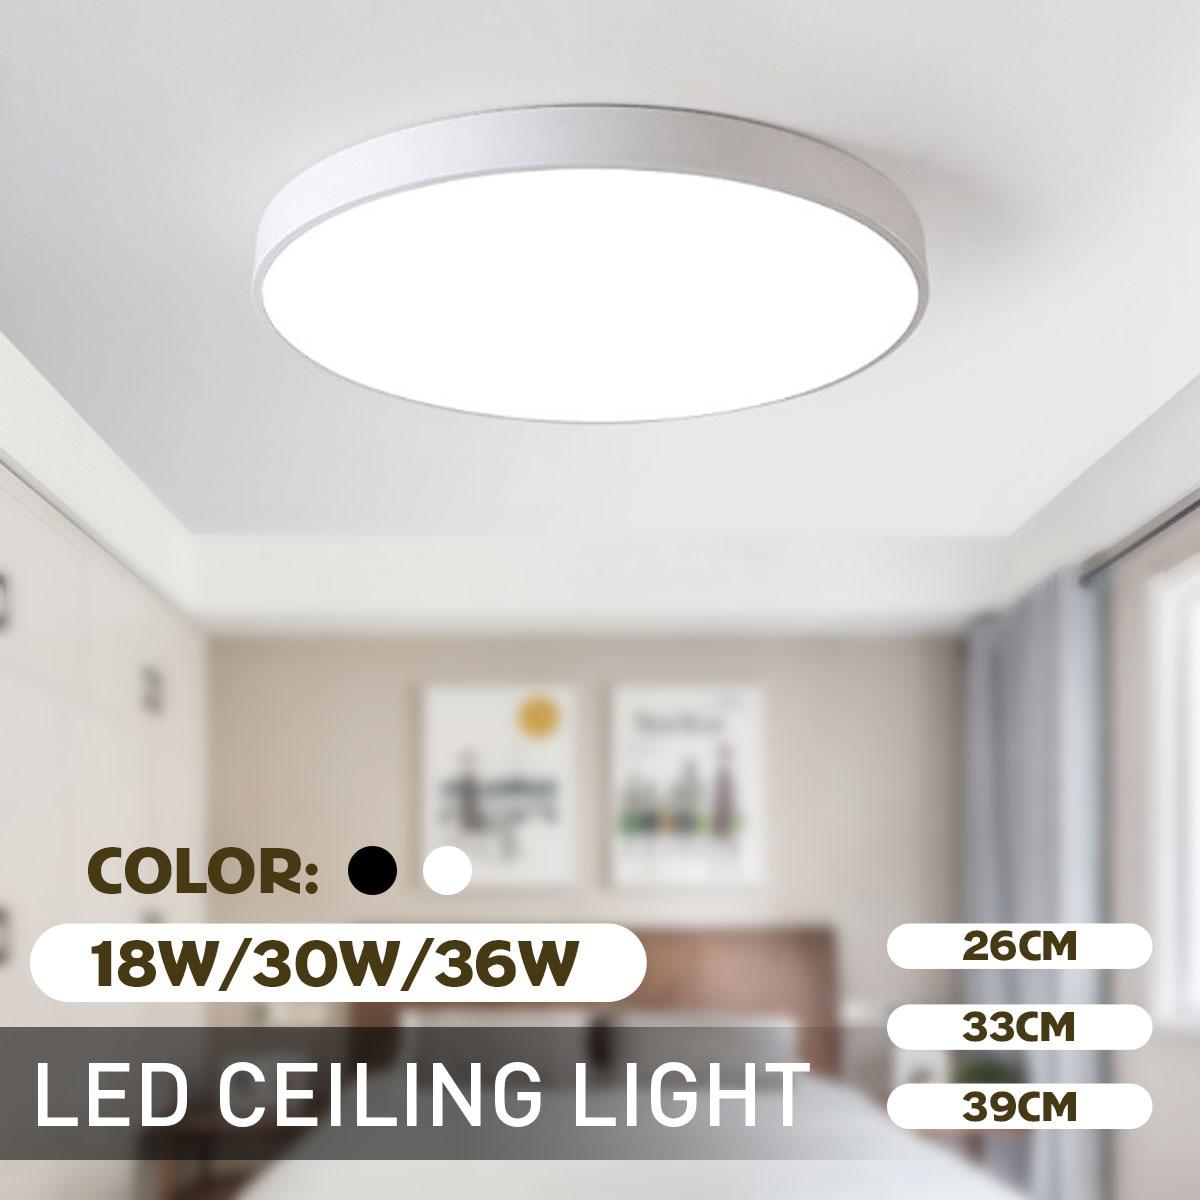 Luces de techo Led soporte empotrado de Led 18 W/30 W/36 W moderna iluminación de techos interiores redondos ultrafinos luz de techo luz de día fría blanca